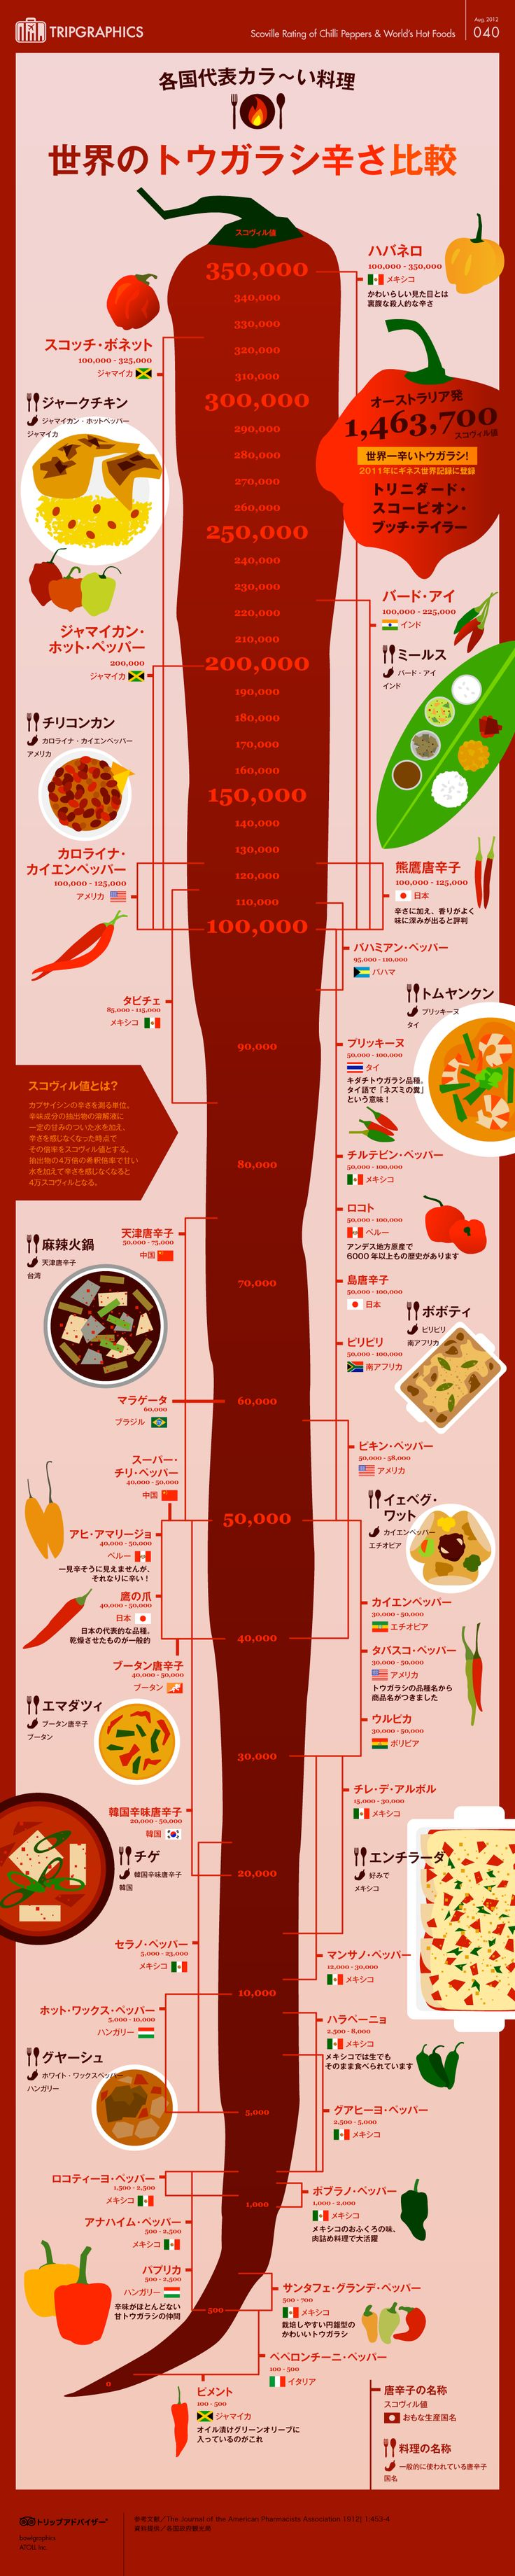 世界のトウガラシ(&カラ~い料理)辛さ比較と各種唐辛子を使った料理